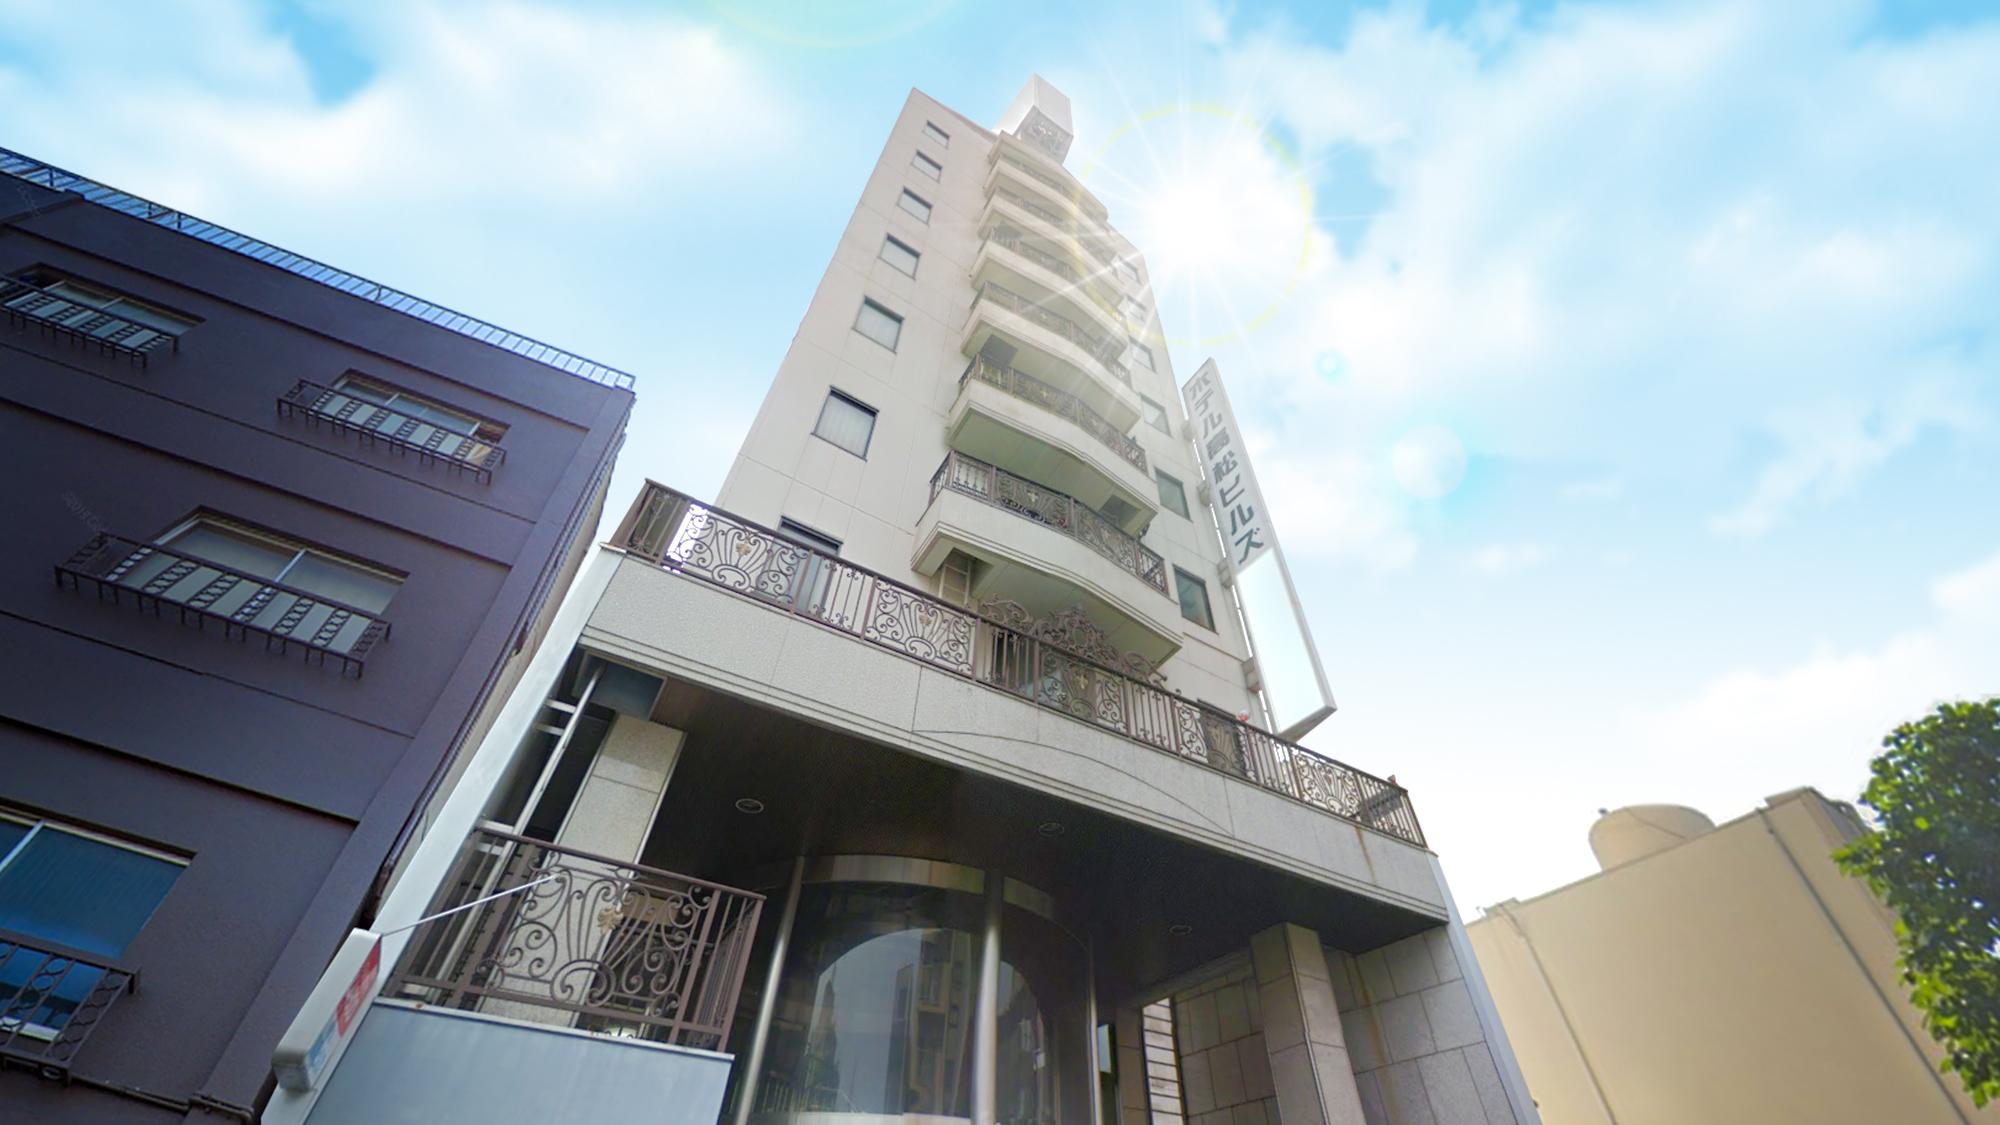 ホテル高松ヒルズ 瓦町駅前(BBHホテルグループ) image